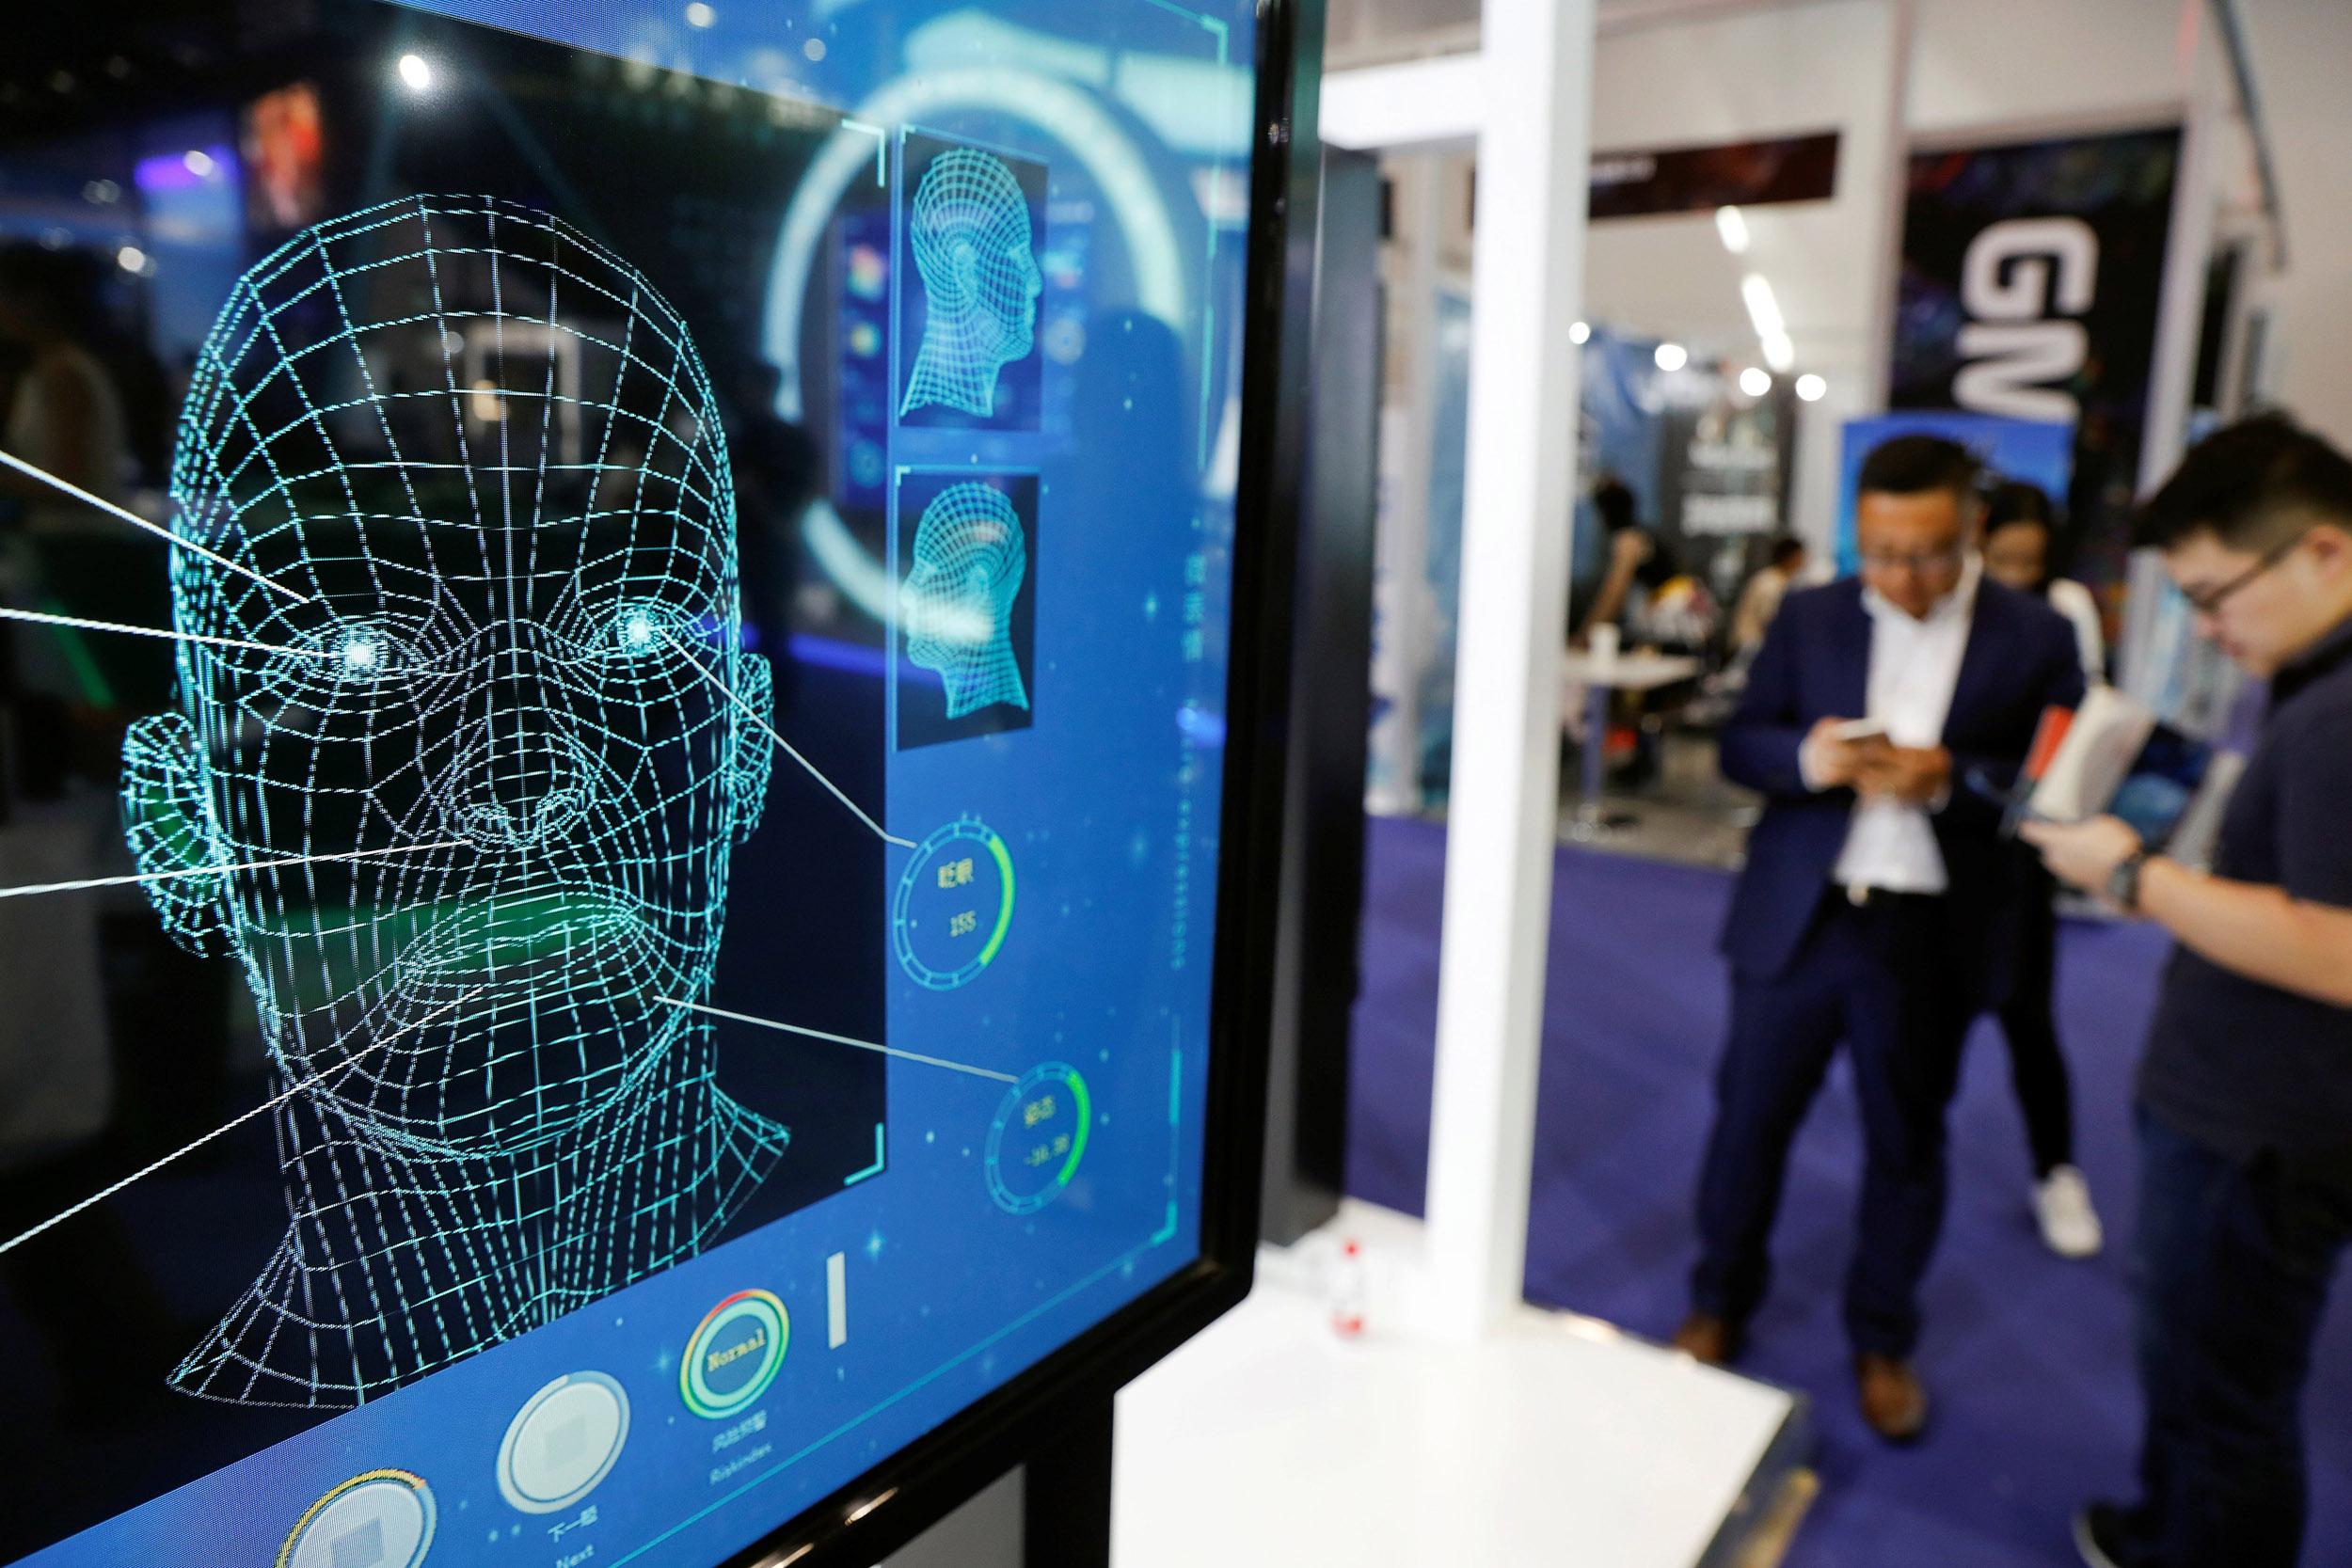 加州律师公会首场网考计划用人脸辨识软件确定考生身份